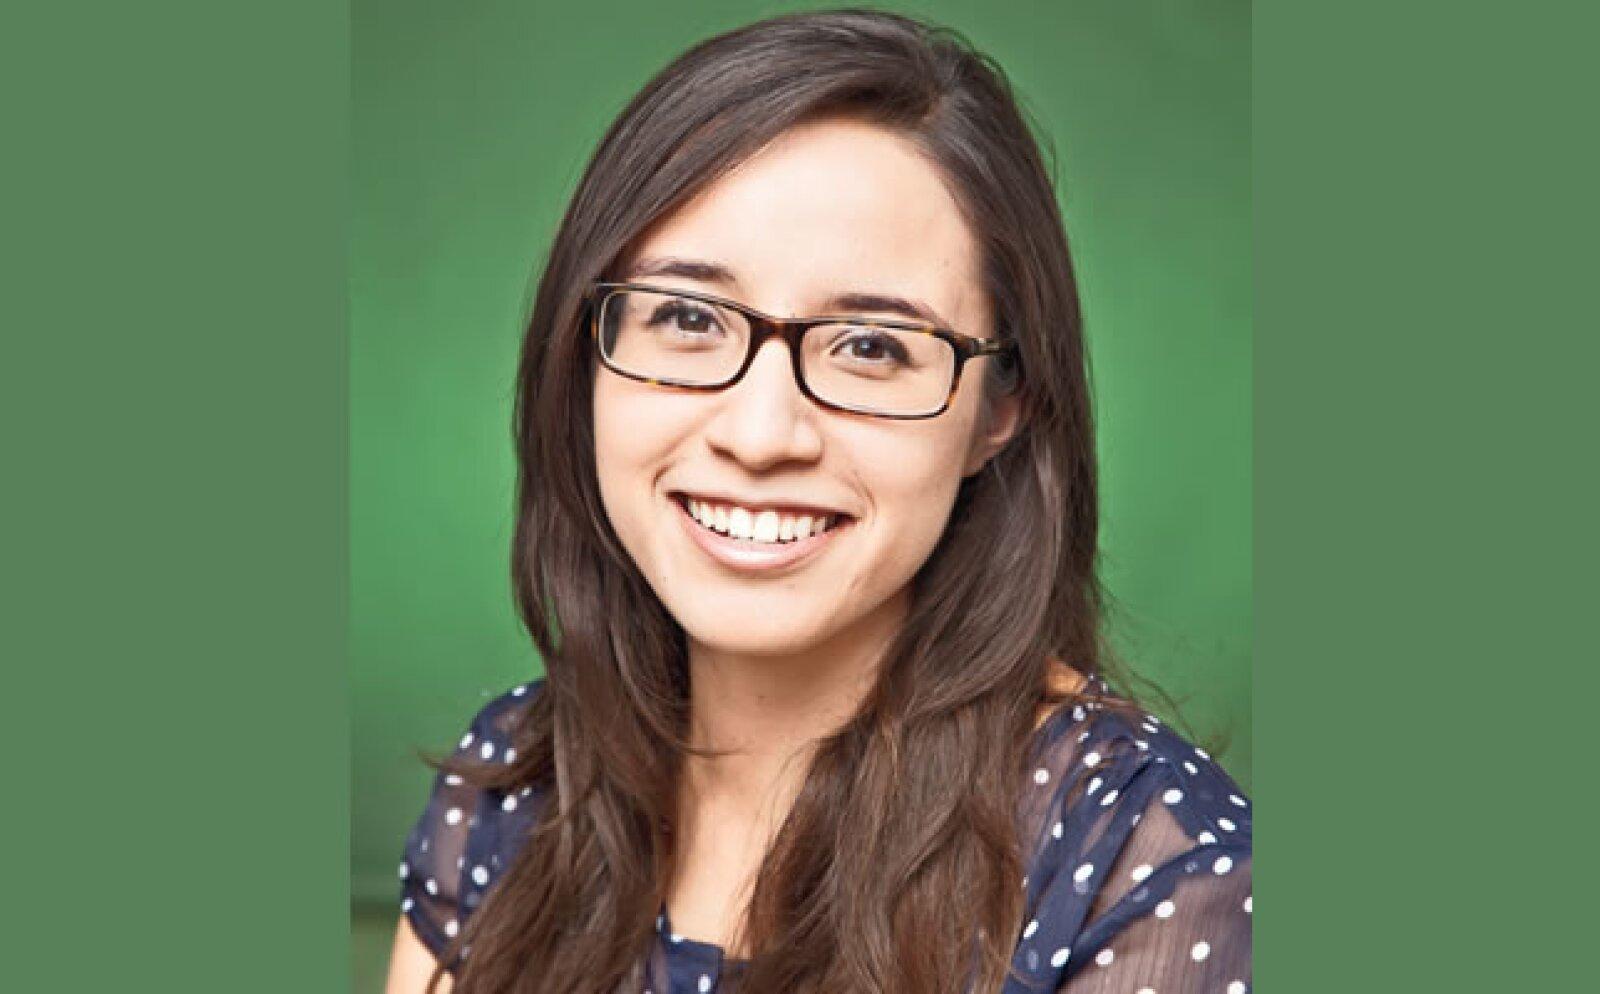 Con alrededor de 5.4 millones de reproducciones el video: 'Cómo hacer corazoncitos de papel' posicionó a la jalisciense Elizabeth Rangel entre los mexicanos más vistos. 646,000 suscriptores están al pendiente de los videos que la universitaria sube cada s